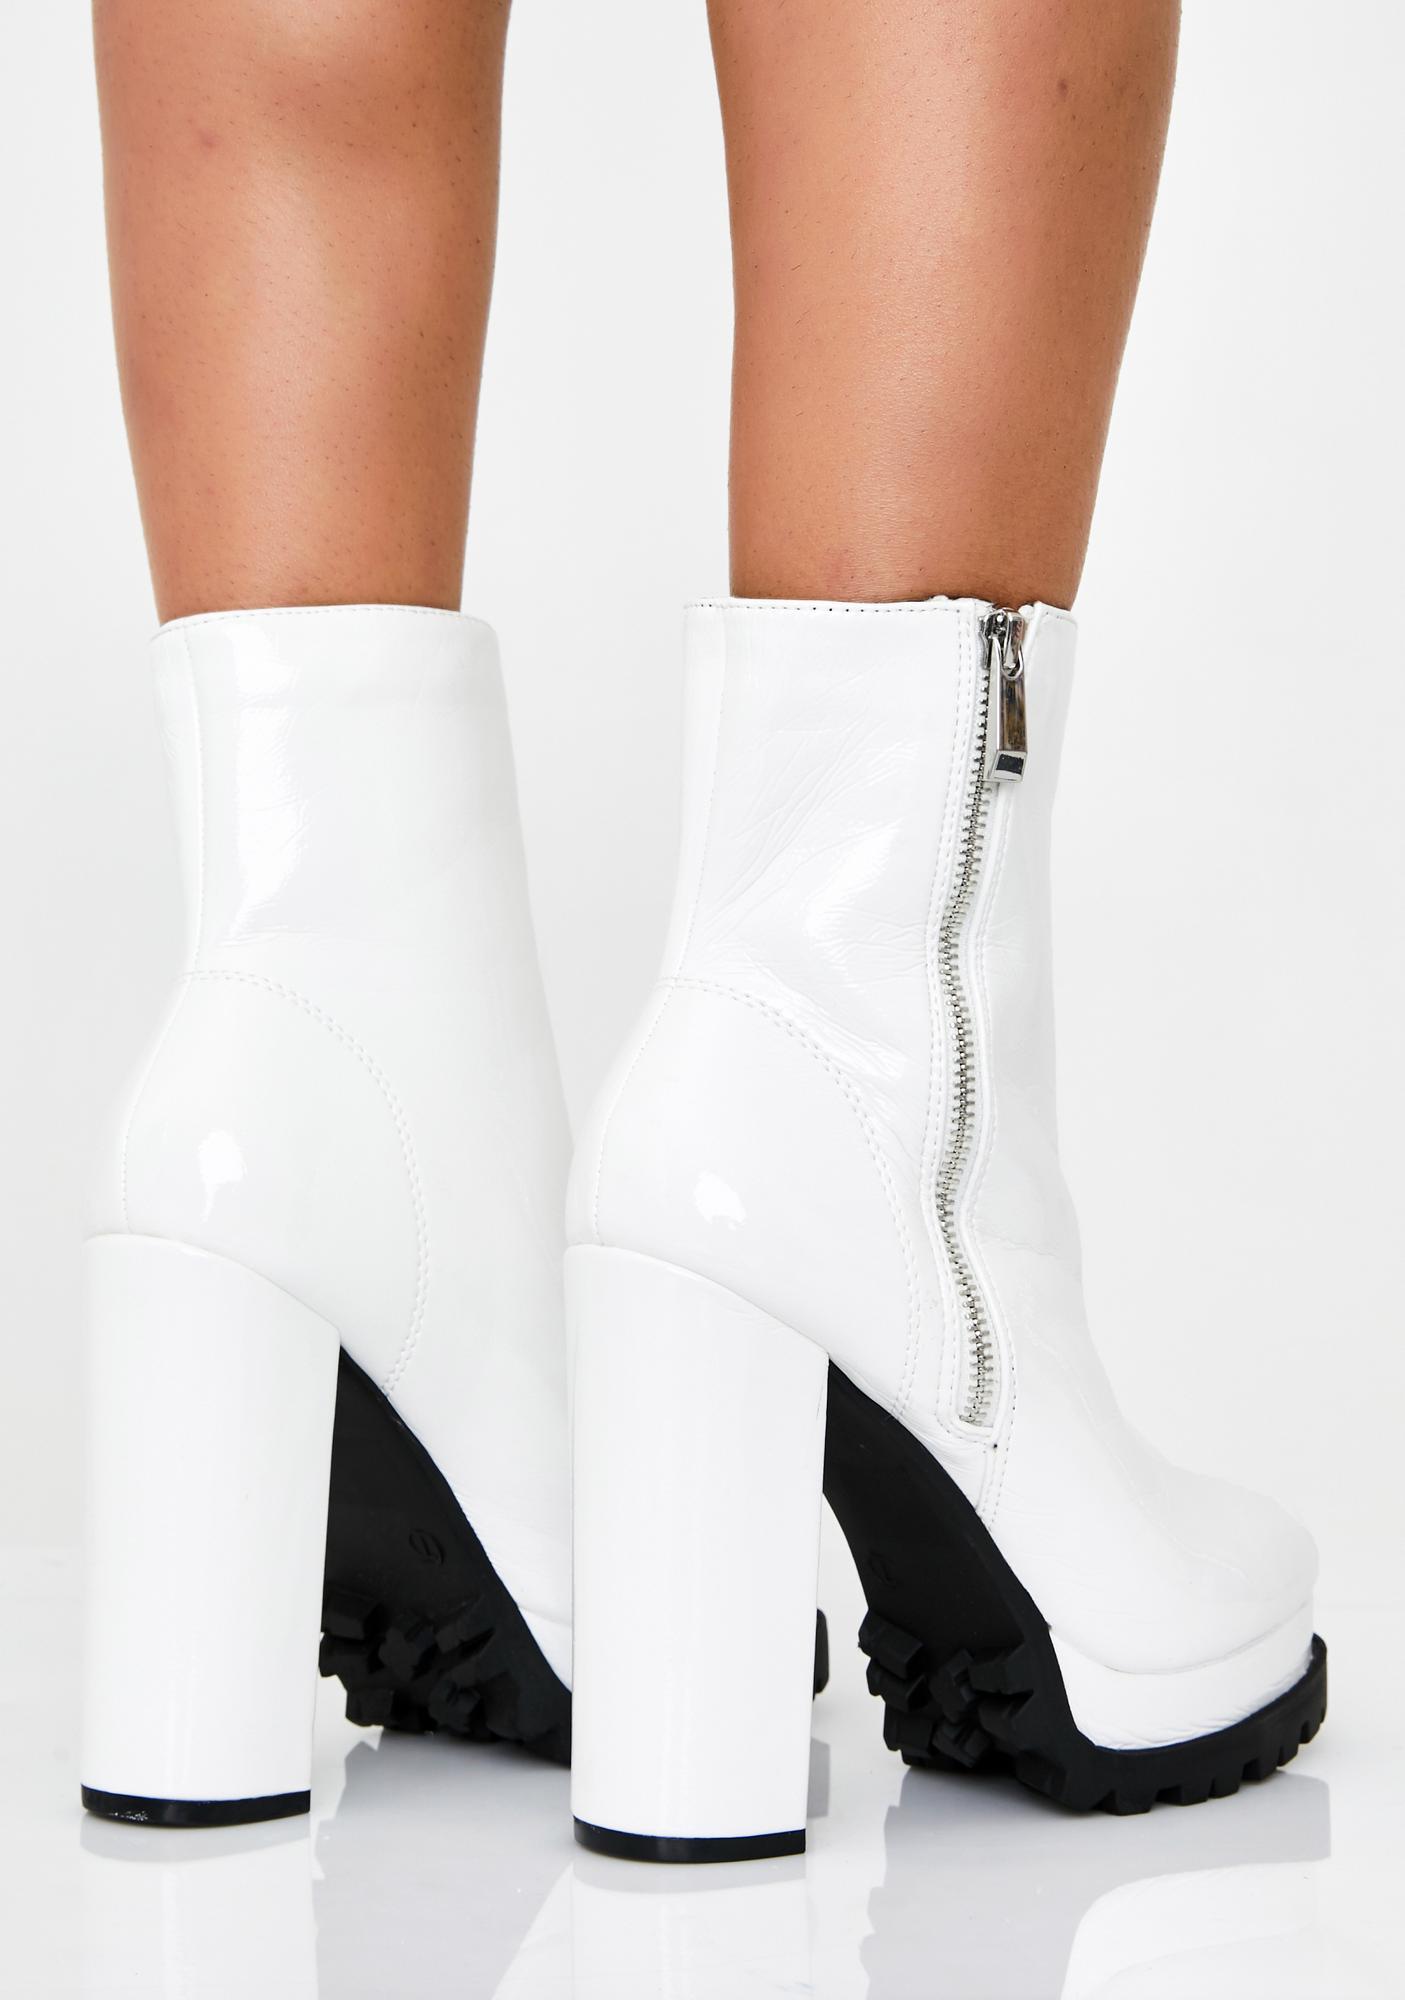 Angel Kickin' Azz High Heel Boots